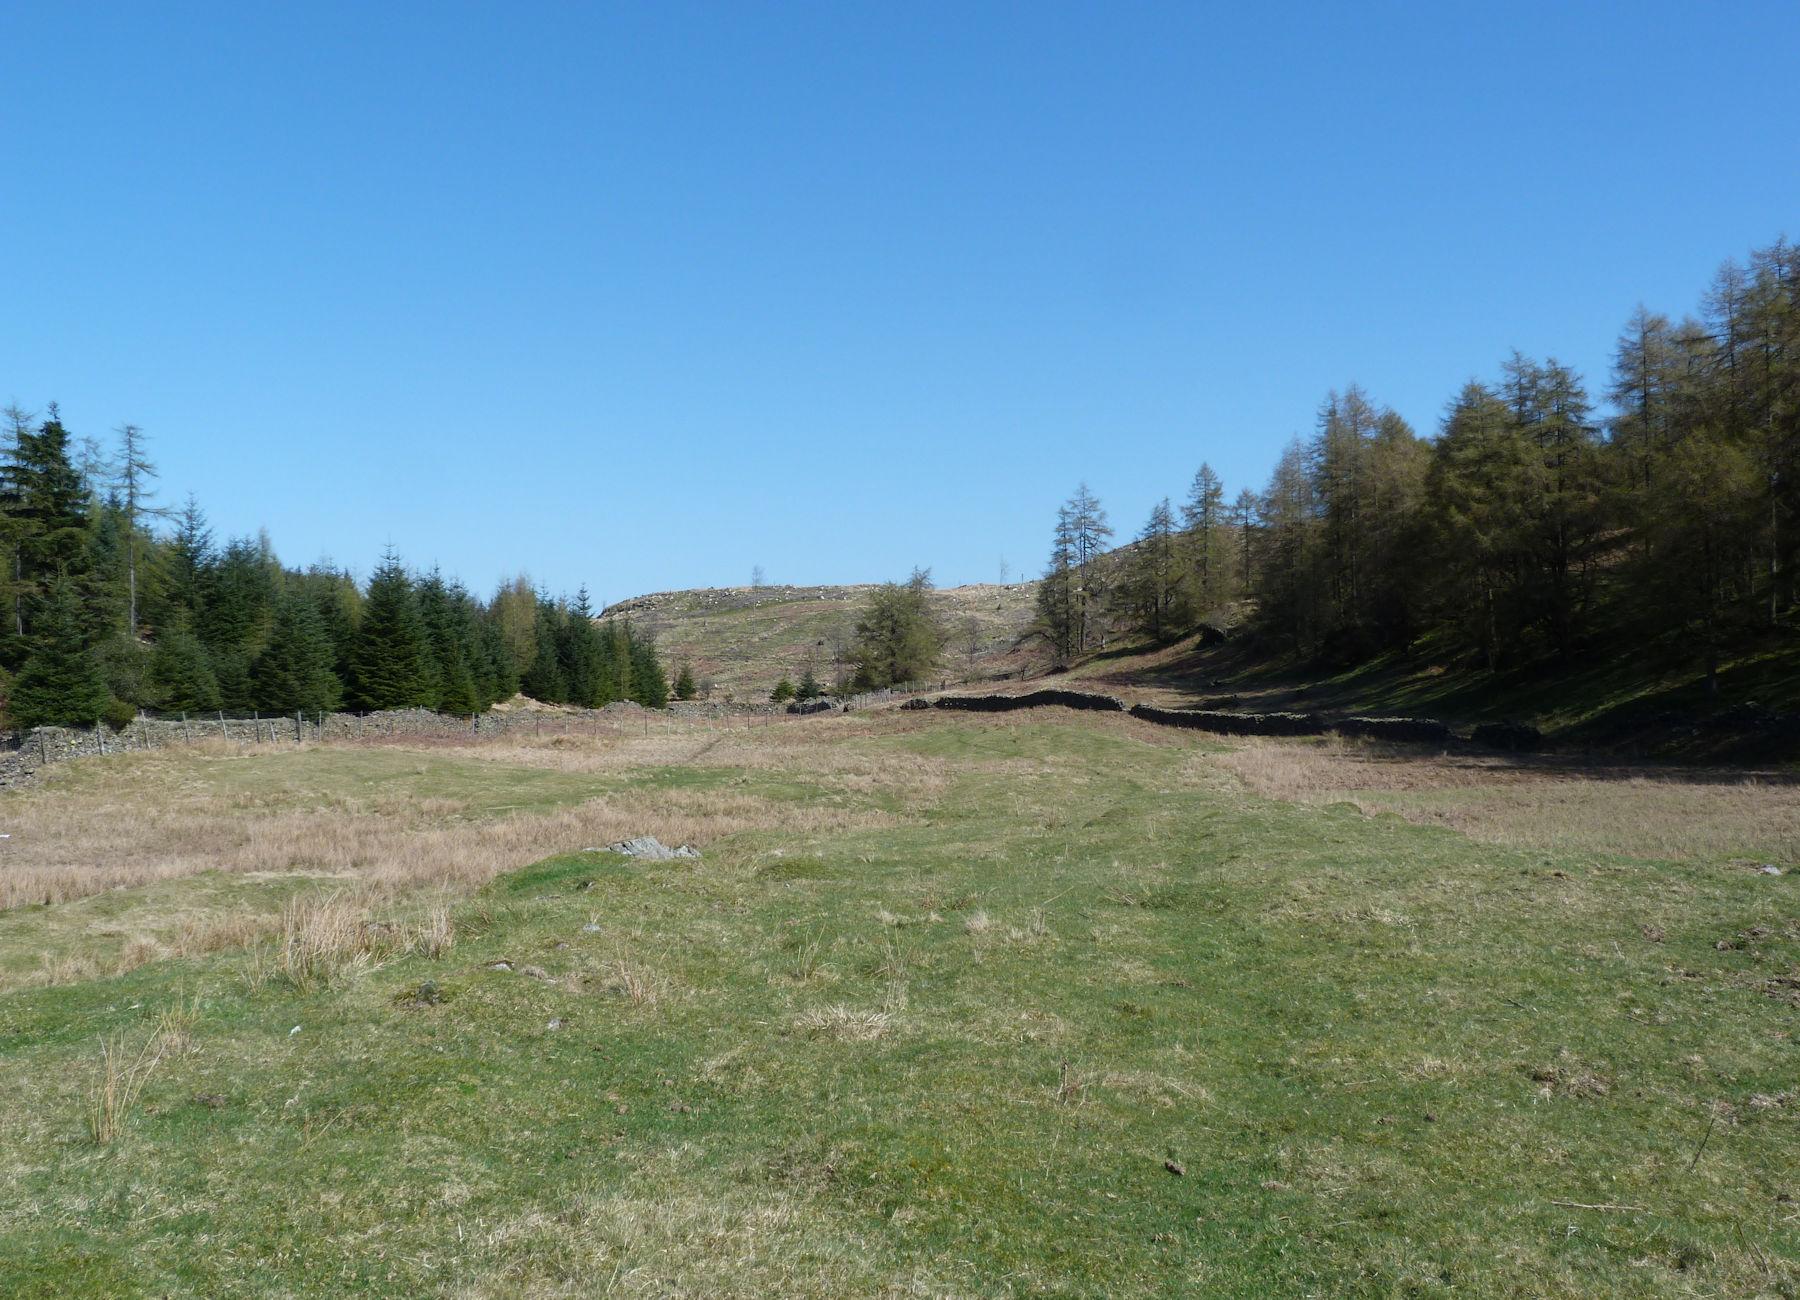 Forestry near Latterbarrow